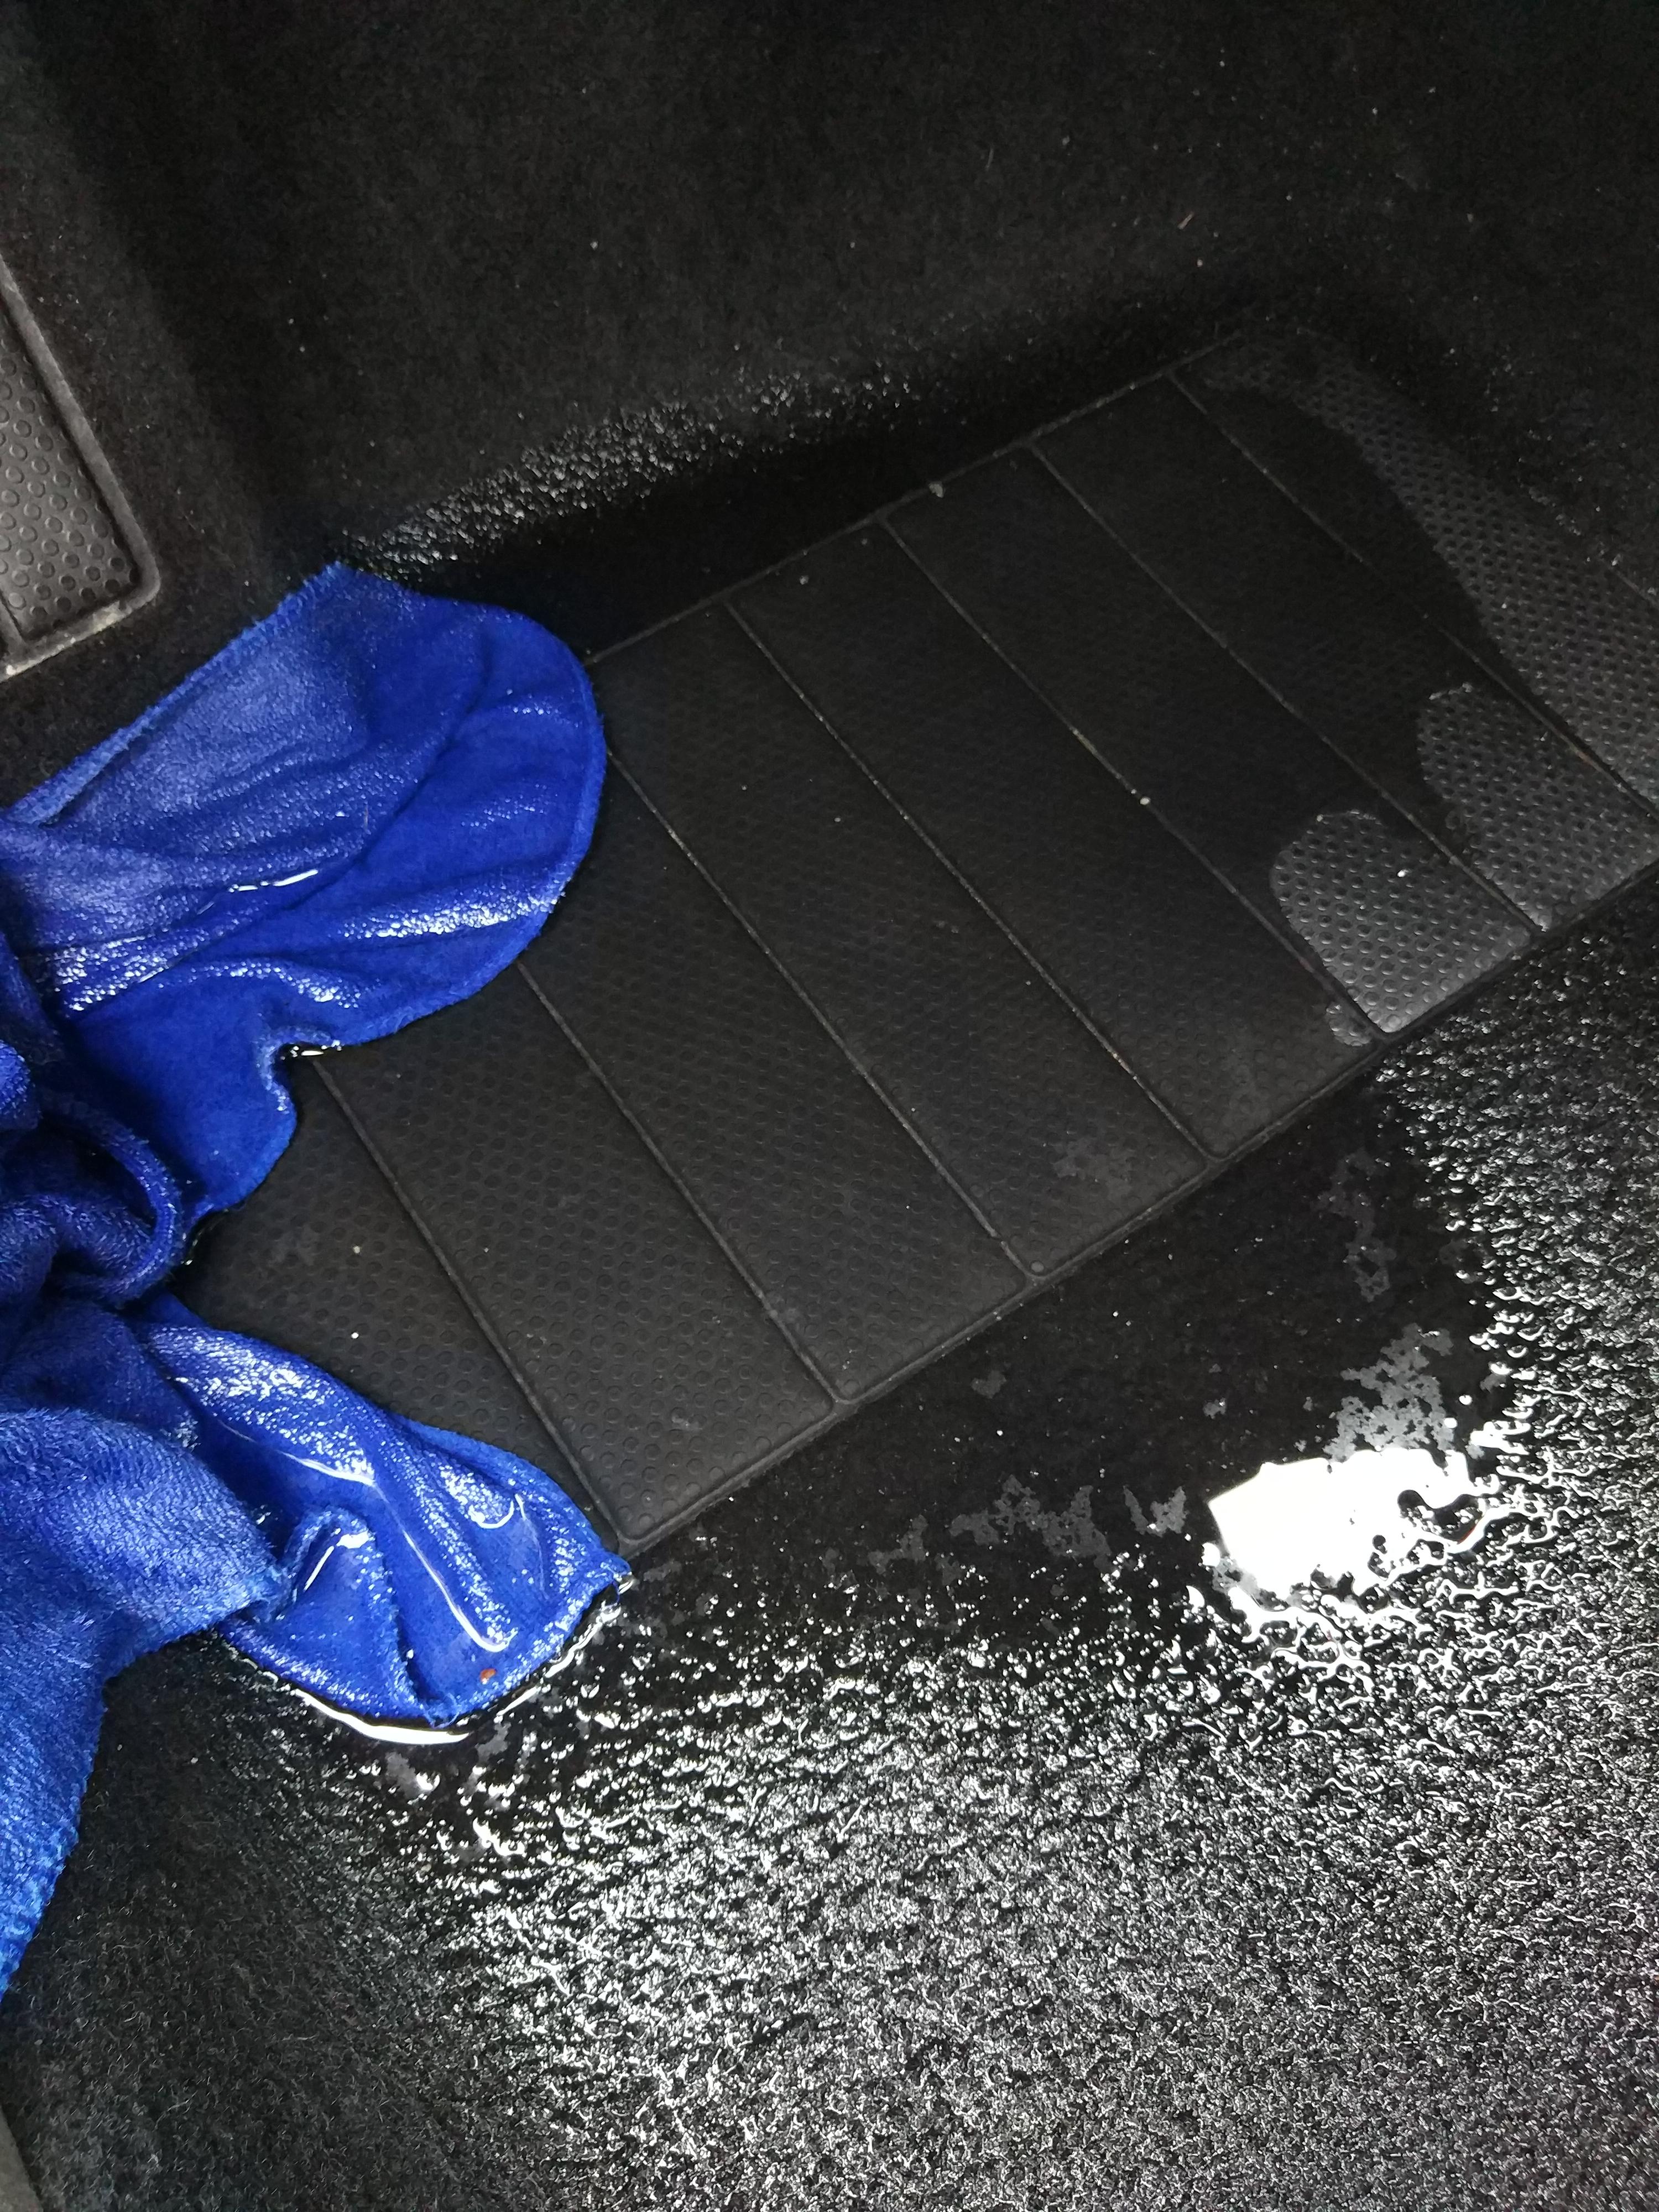 大众-宝来 车辆漏水严重,一到下雨天车里就是水